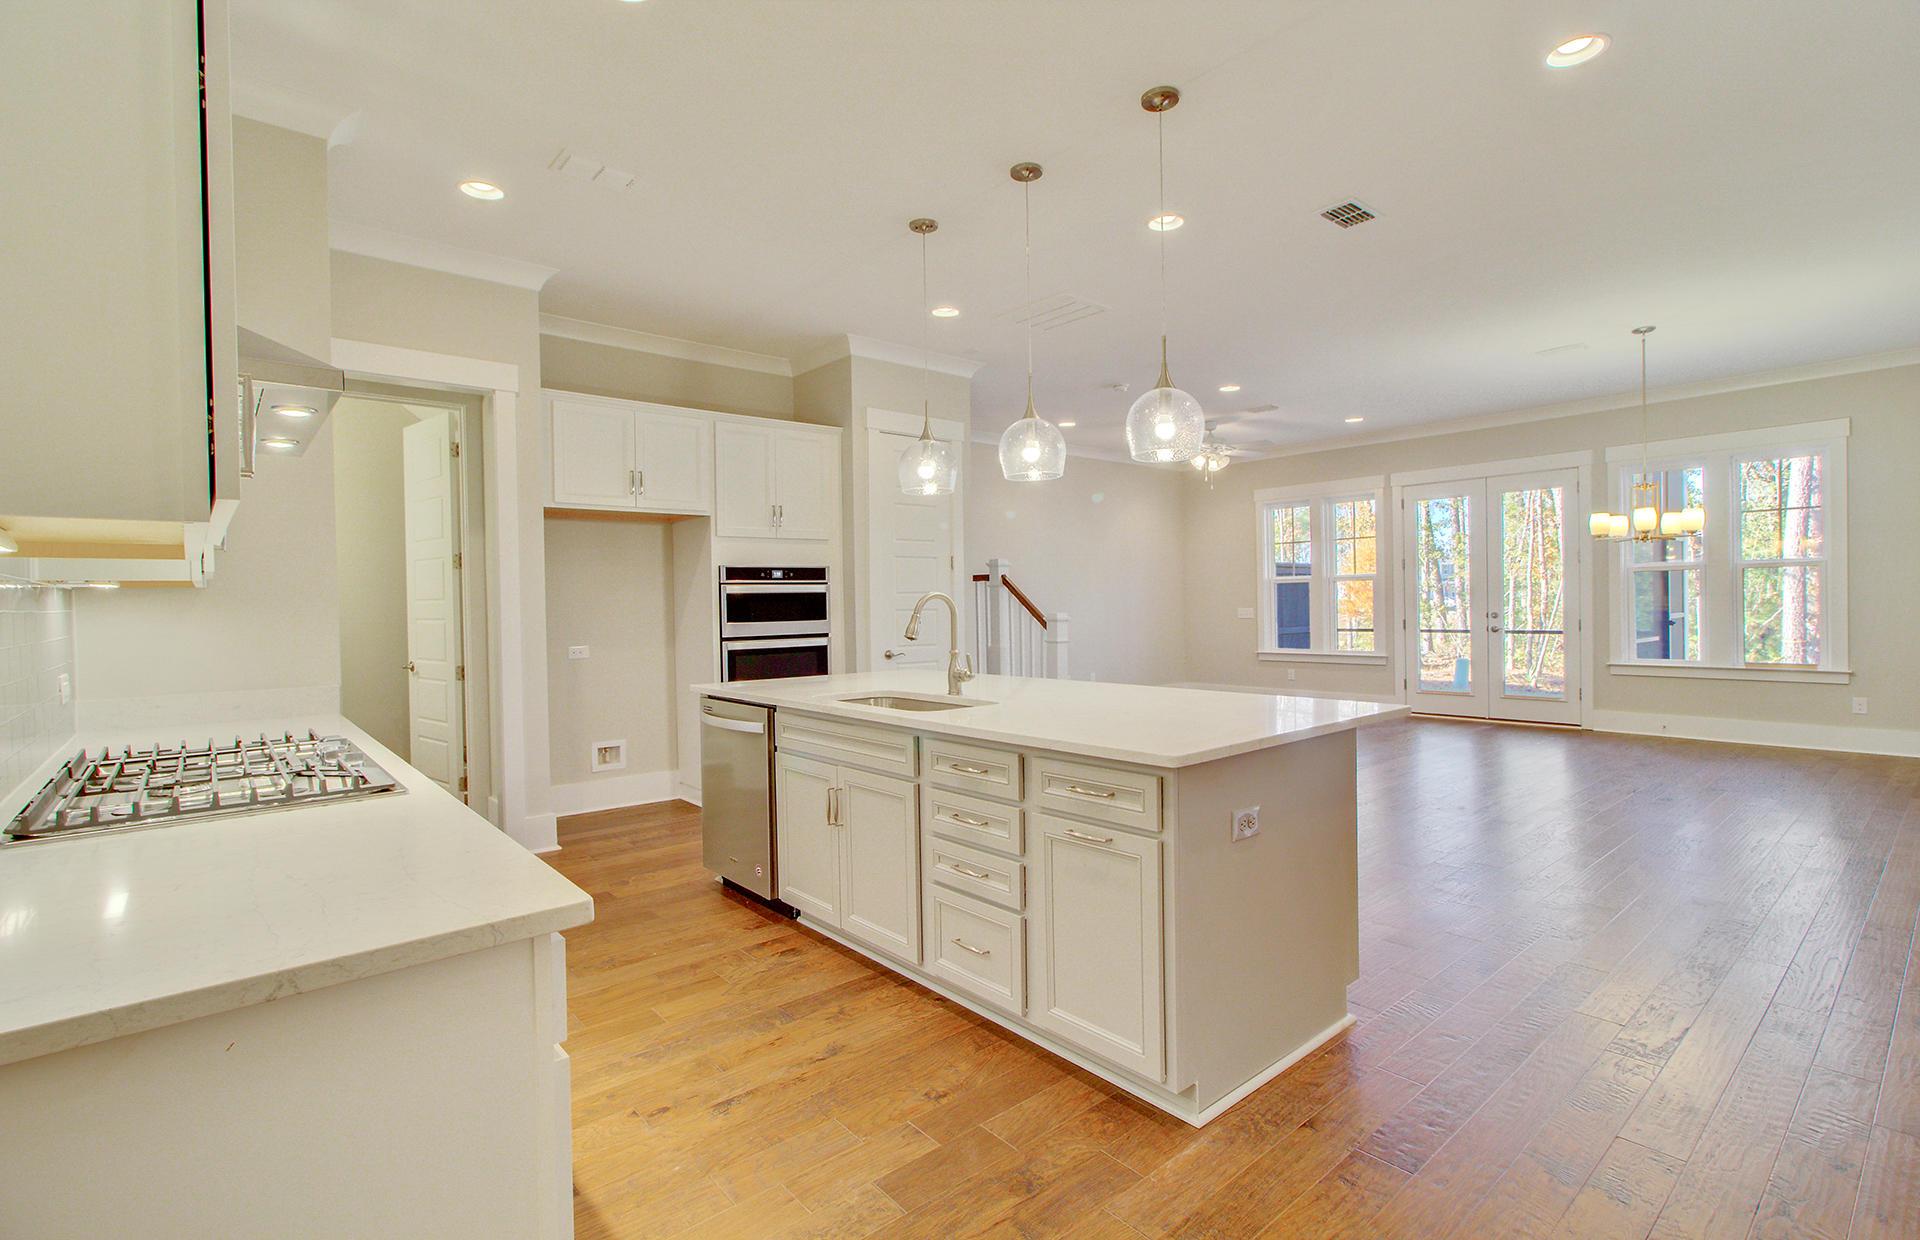 Dunes West Homes For Sale - 2416 Brackish, Mount Pleasant, SC - 6